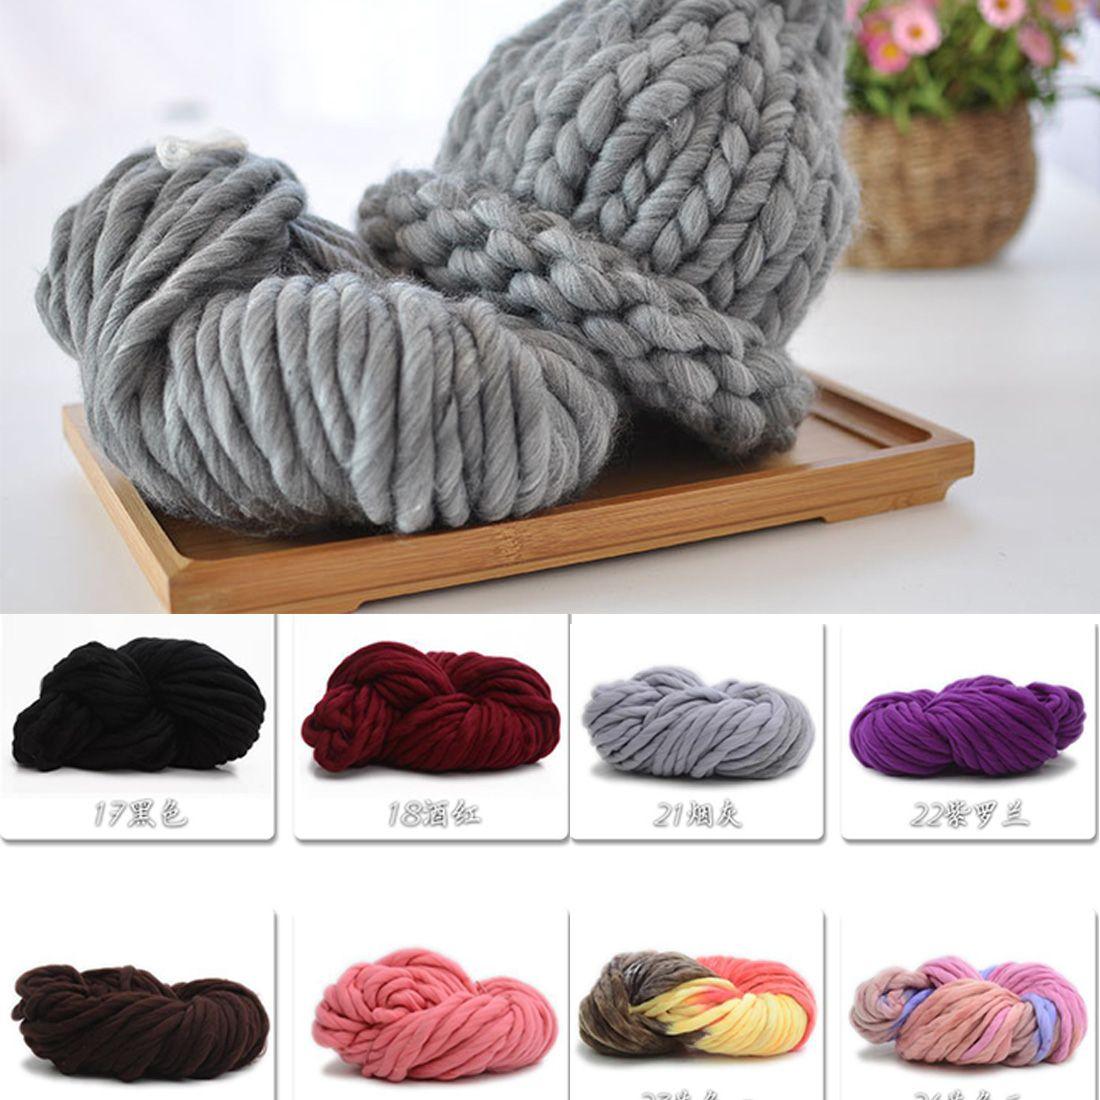 Dorable Patrón Manta Crochet Grueso Libre Colección de Imágenes ...